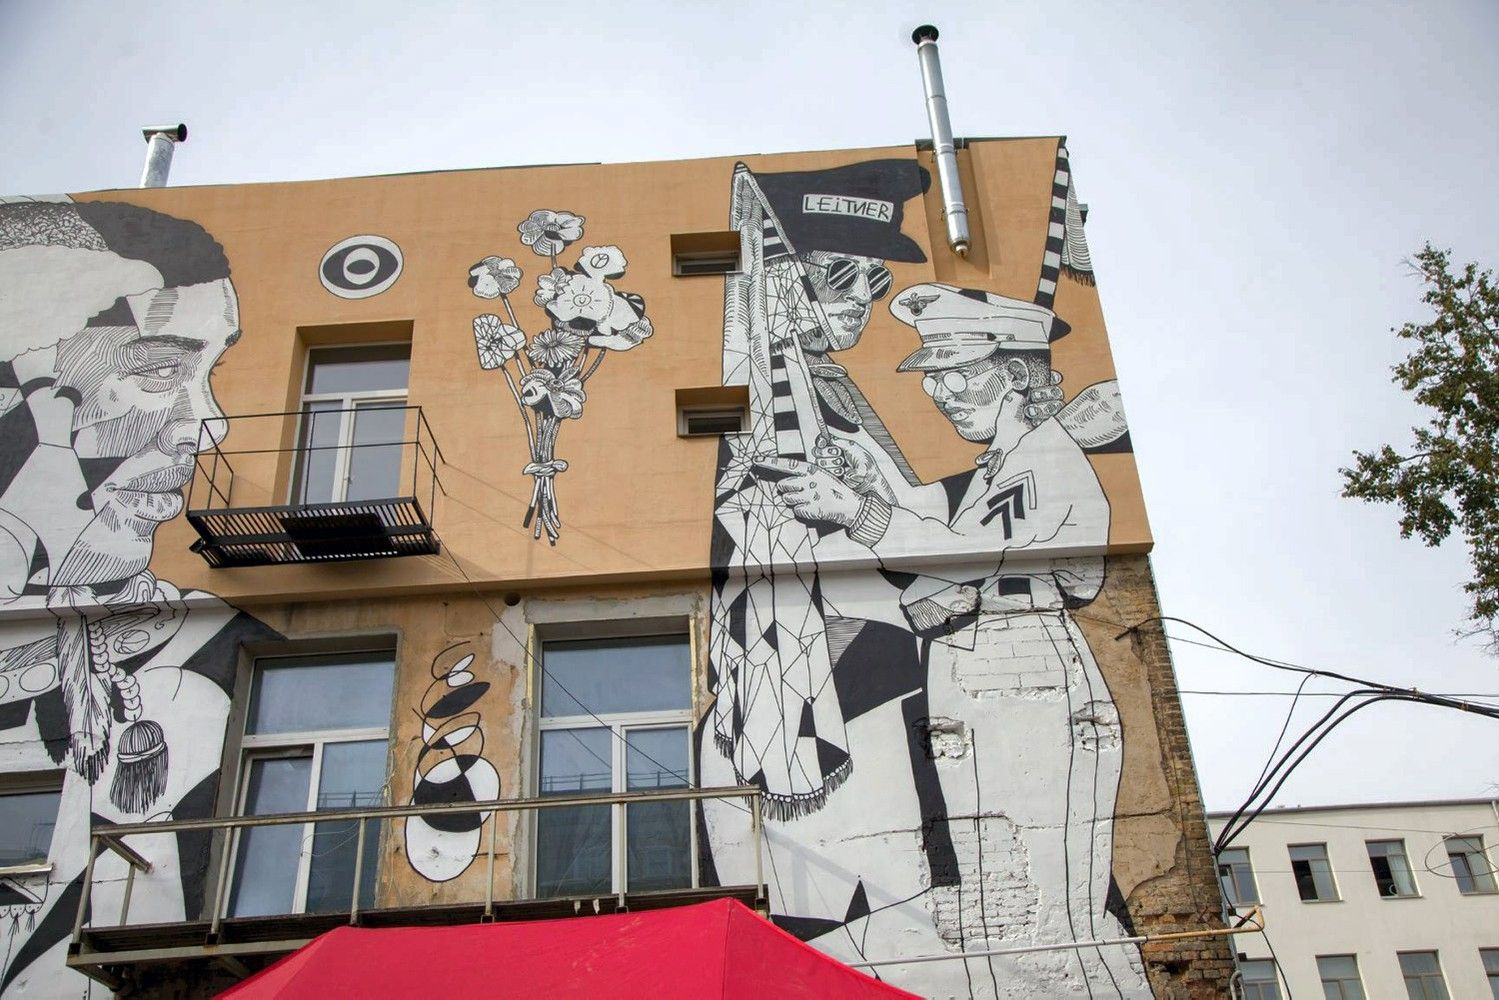 Po meno galerijų bumo Vilniuje – naujas turistinis maršrutas